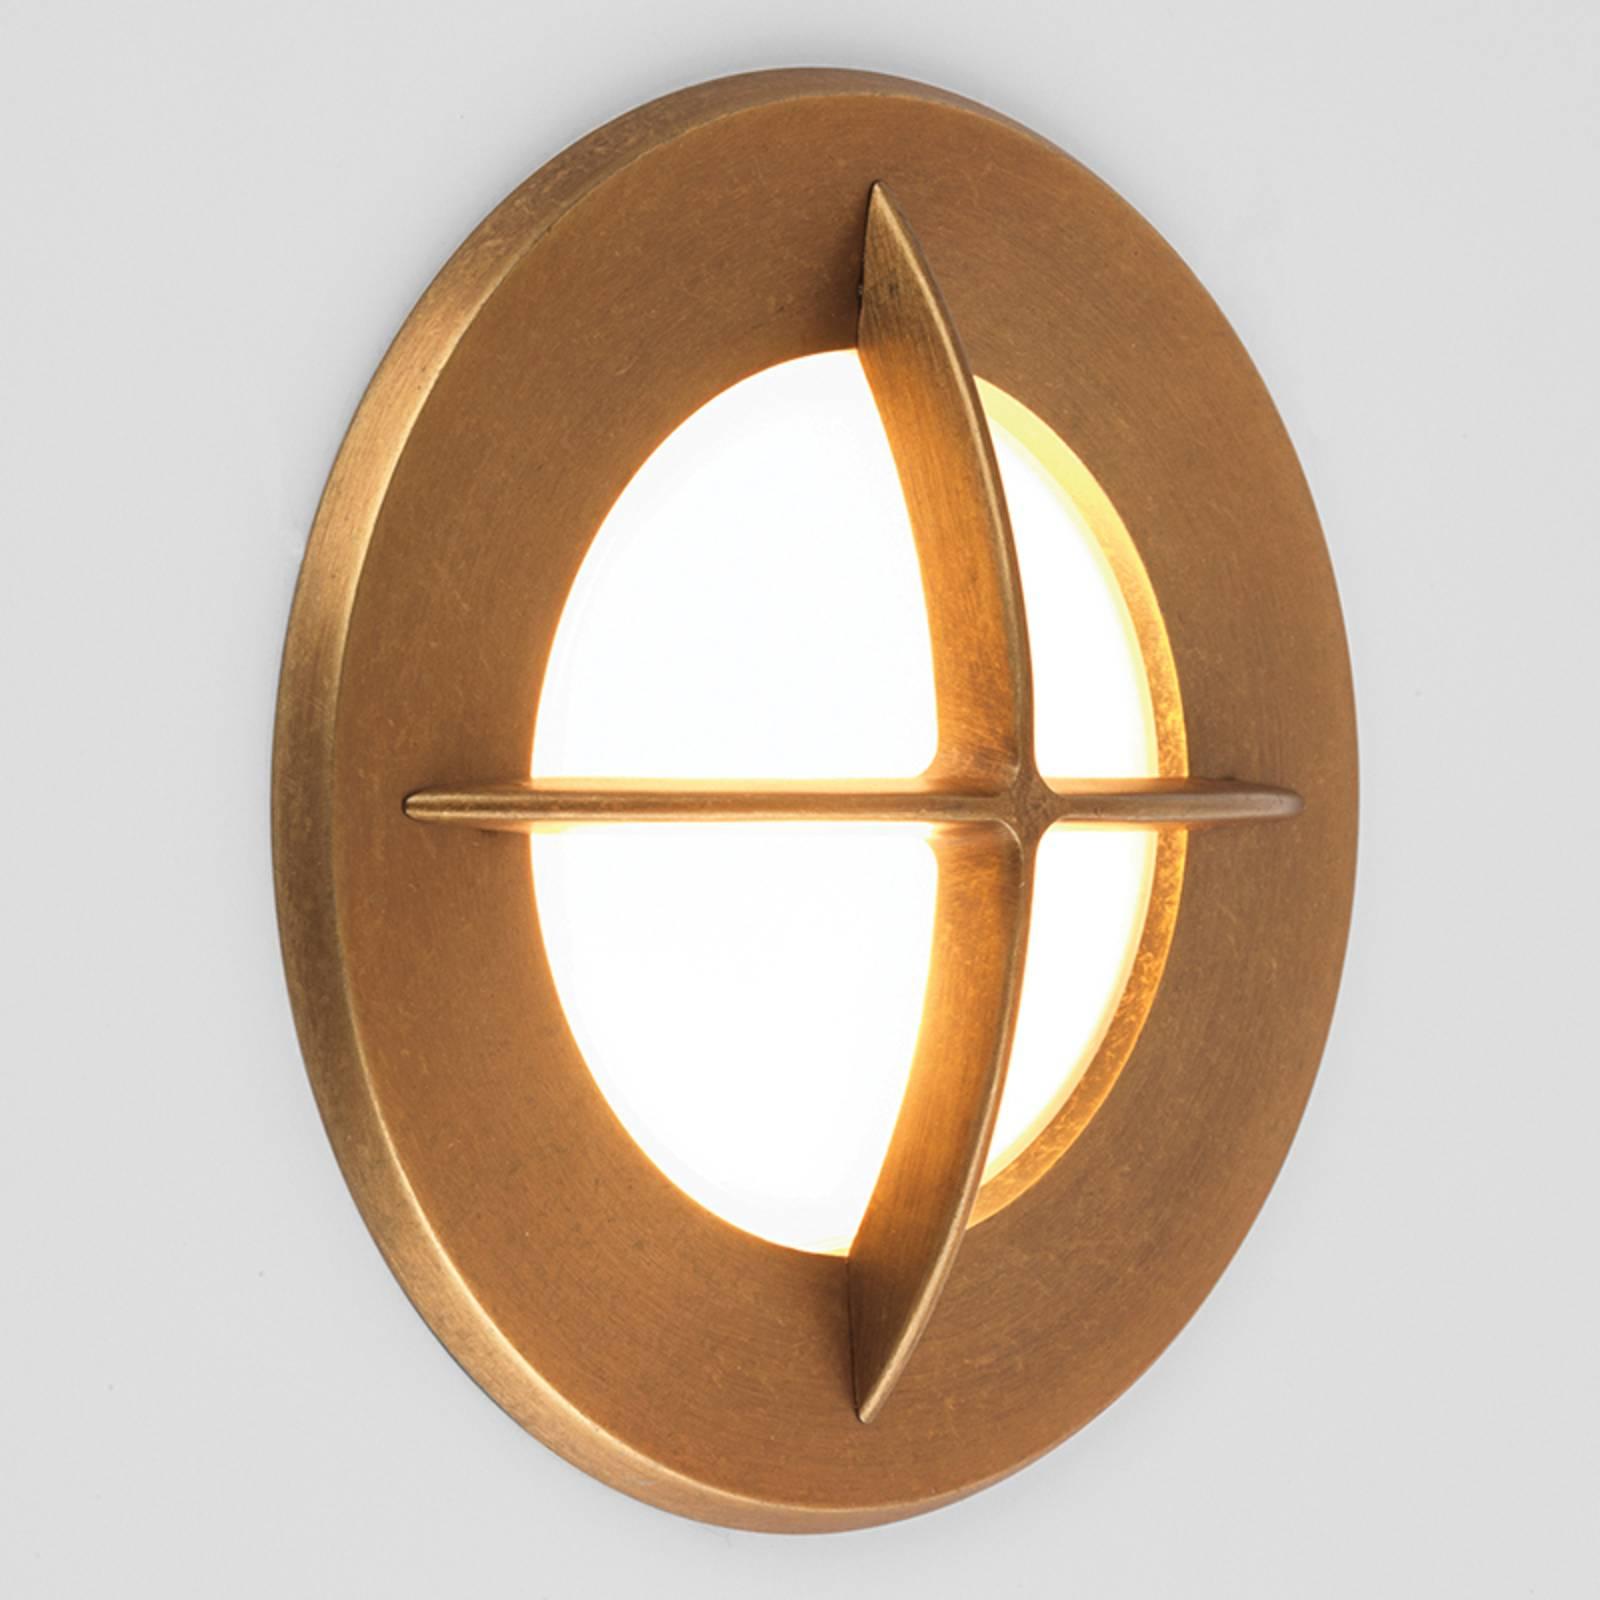 Astro Arran LED-uppovalaisin, pyöreä